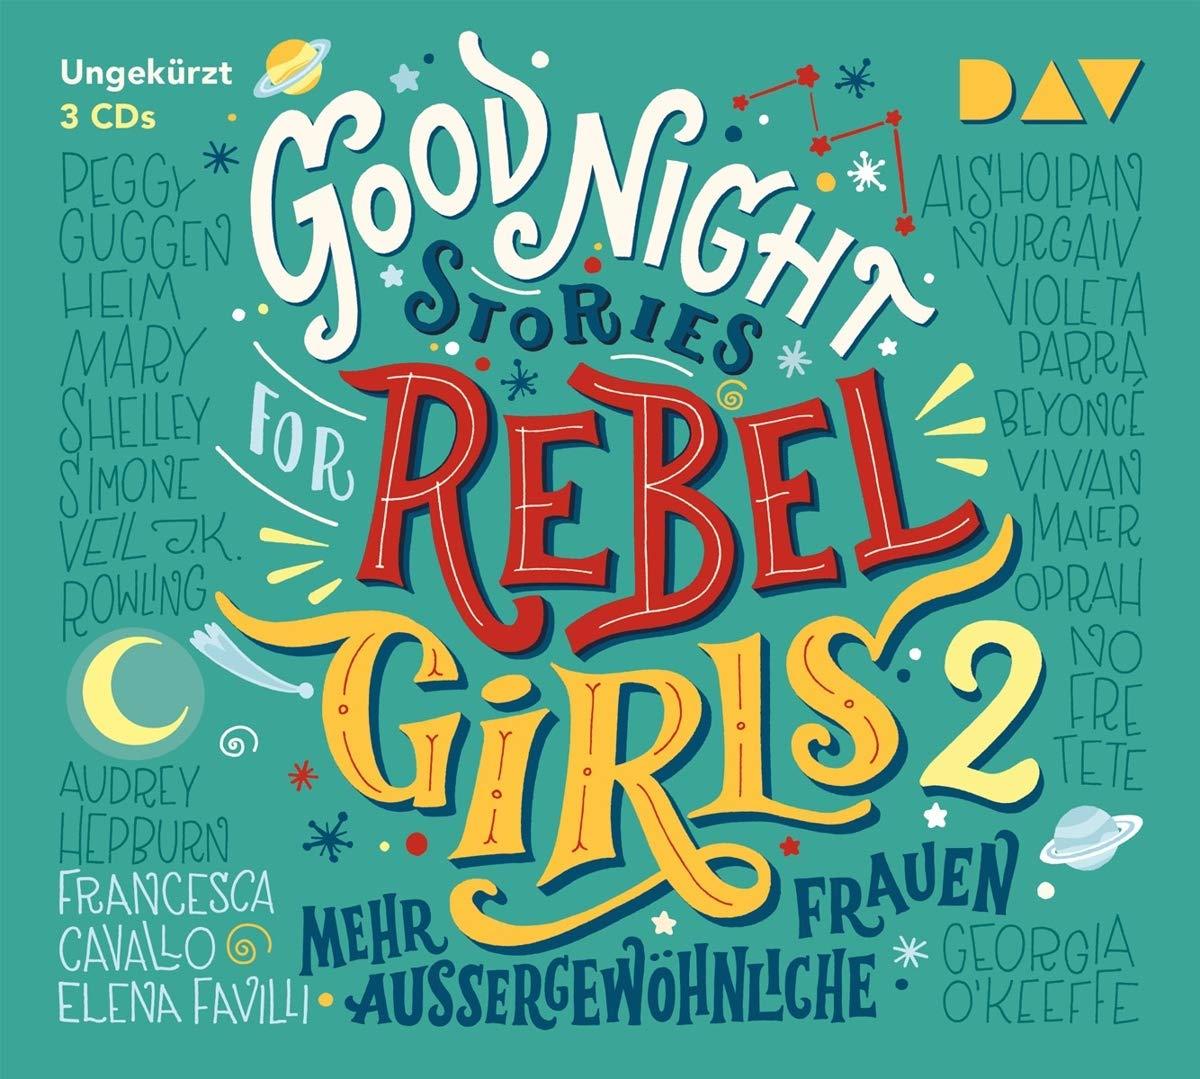 Good Night Stories for Rebel Girls - Teil 2: Mehr außergewöhnliche Frauen: Amazon.es: Favilli, Elena, Cavallo, Francesca, Berben, Iris, Kroymann, Maren, Kollmann, Birgitt: Libros en idiomas extranjeros